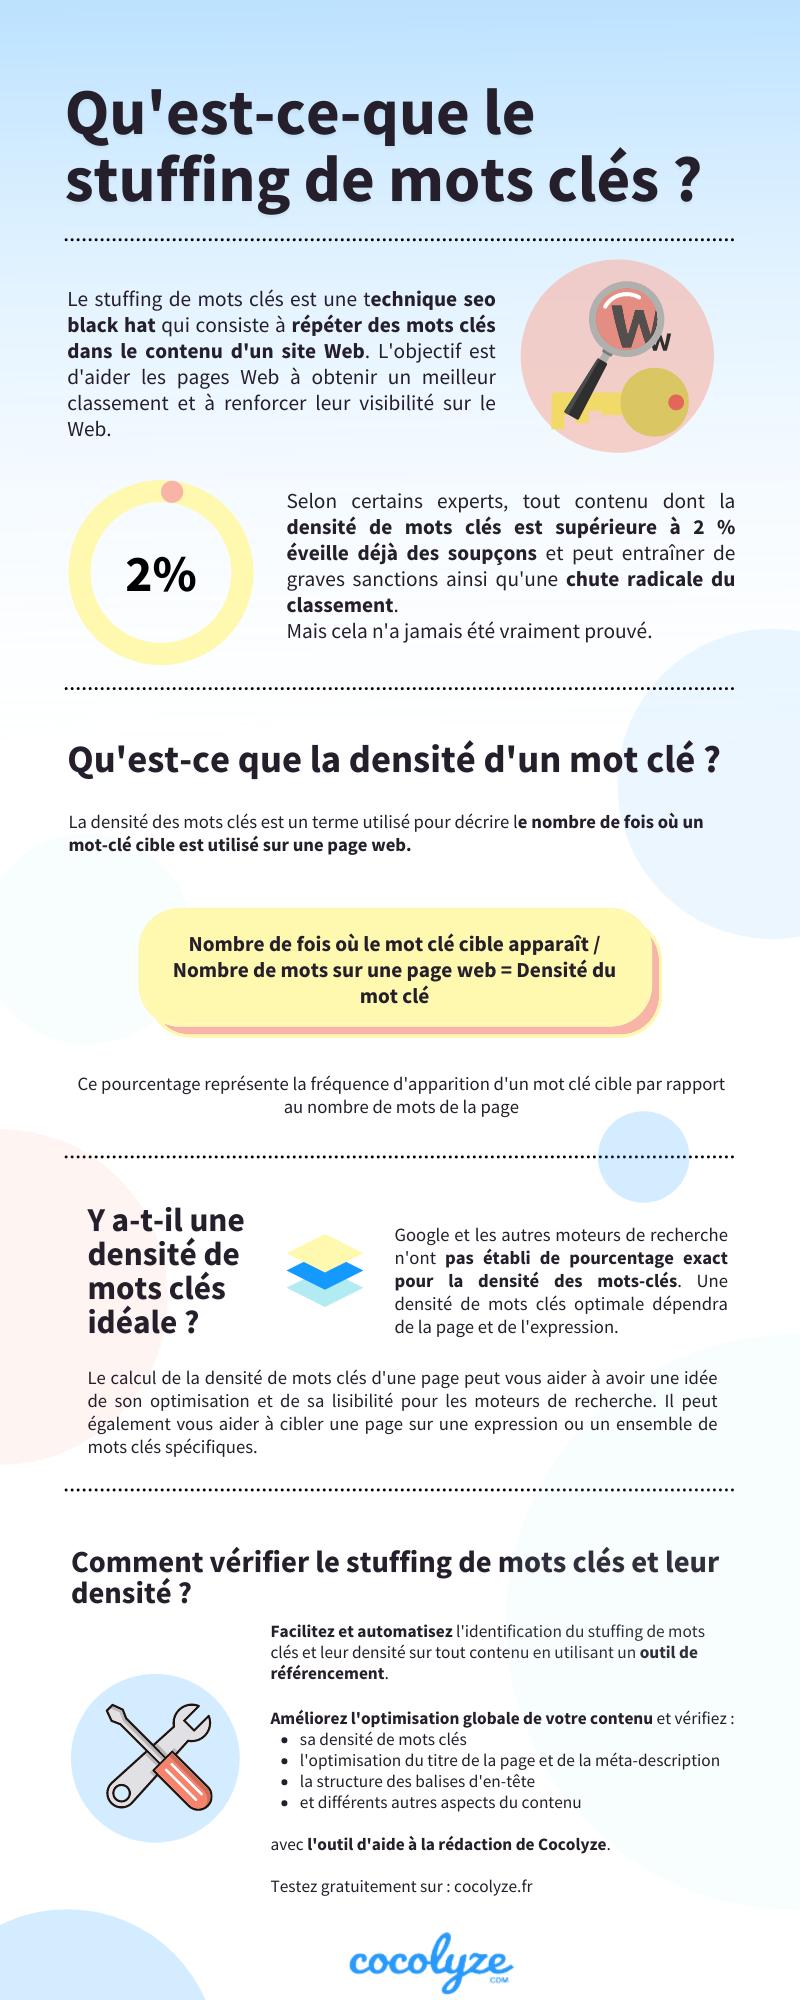 infographie stuffing de mots clés